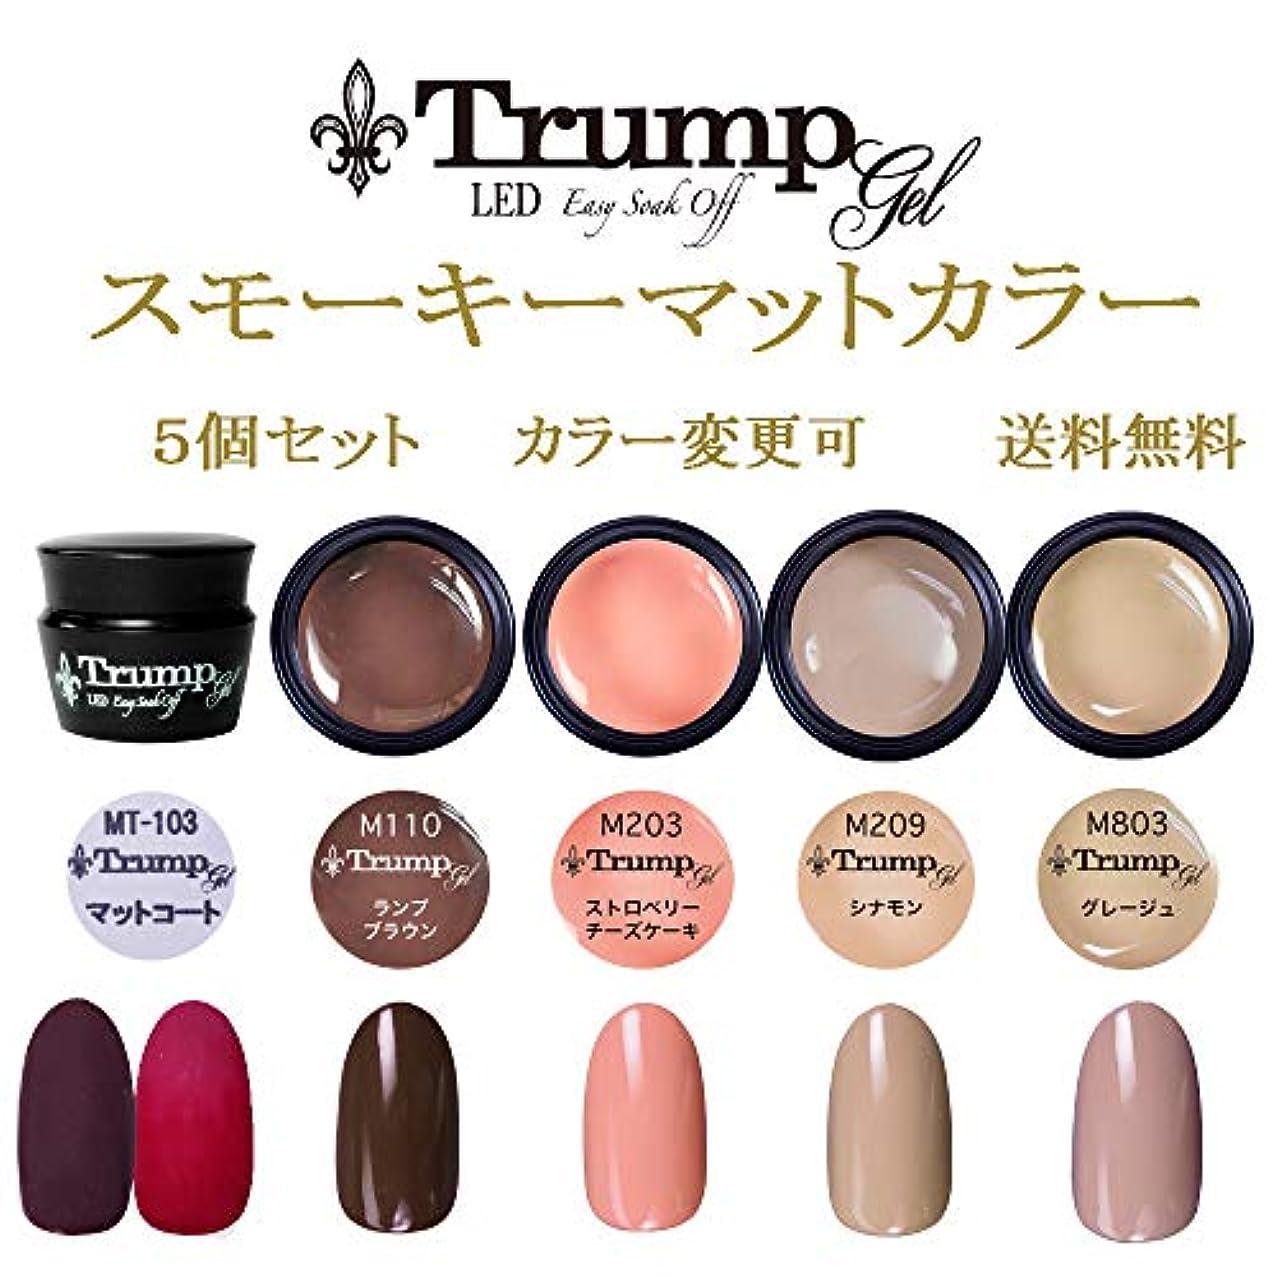 驚いた福祉今後【送料無料】日本製 Trump gel トランプジェル スモーキーマット カラージェル 5個セット 魅惑のフロストマットトップとマットに合う人気カラーをチョイス